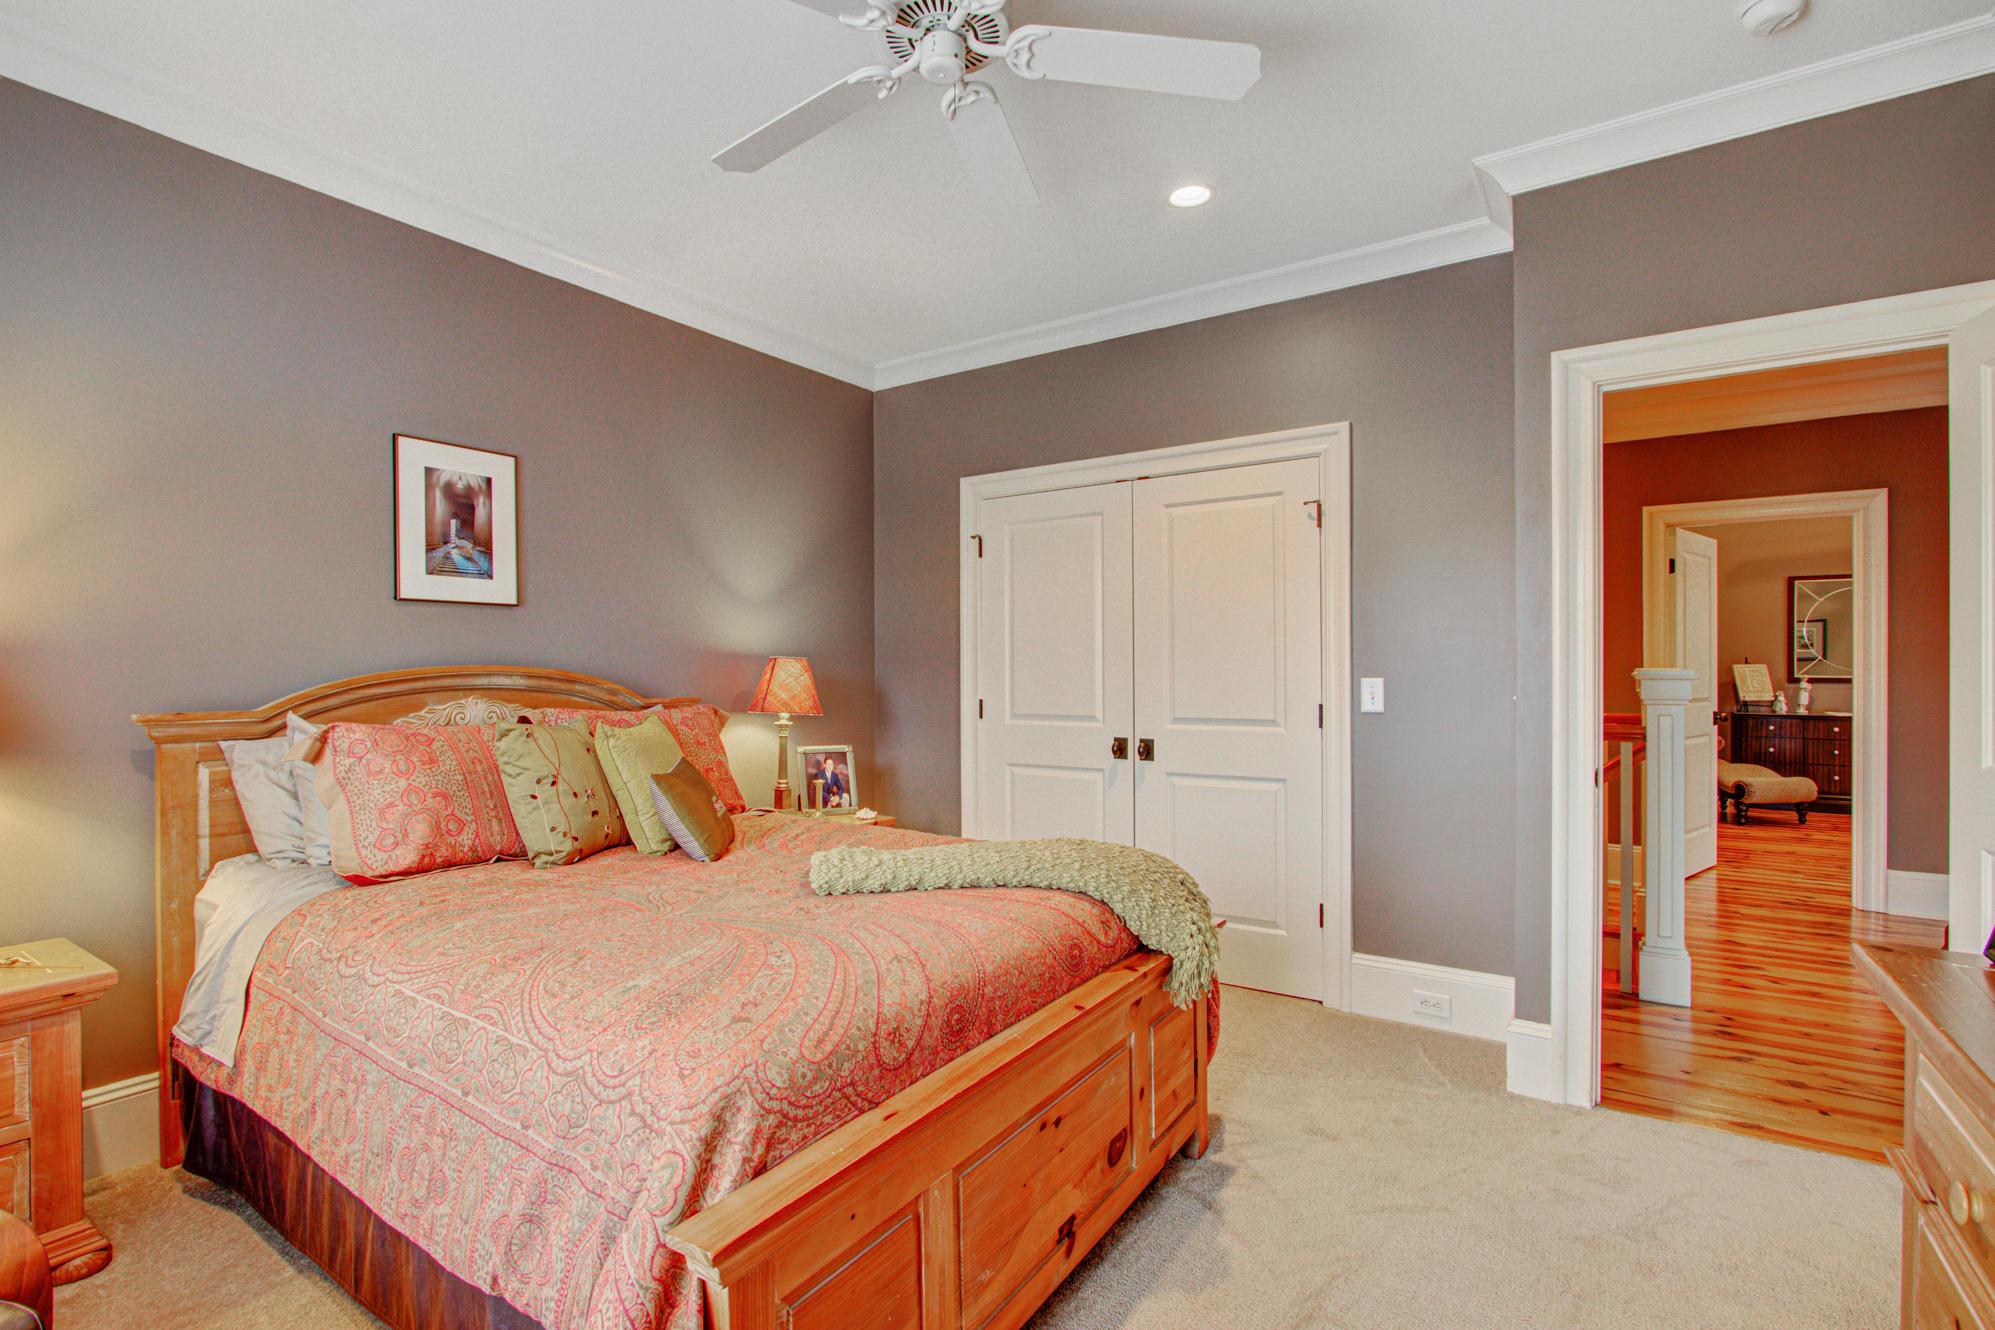 Park West Homes For Sale - 1527 Capel, Mount Pleasant, SC - 20